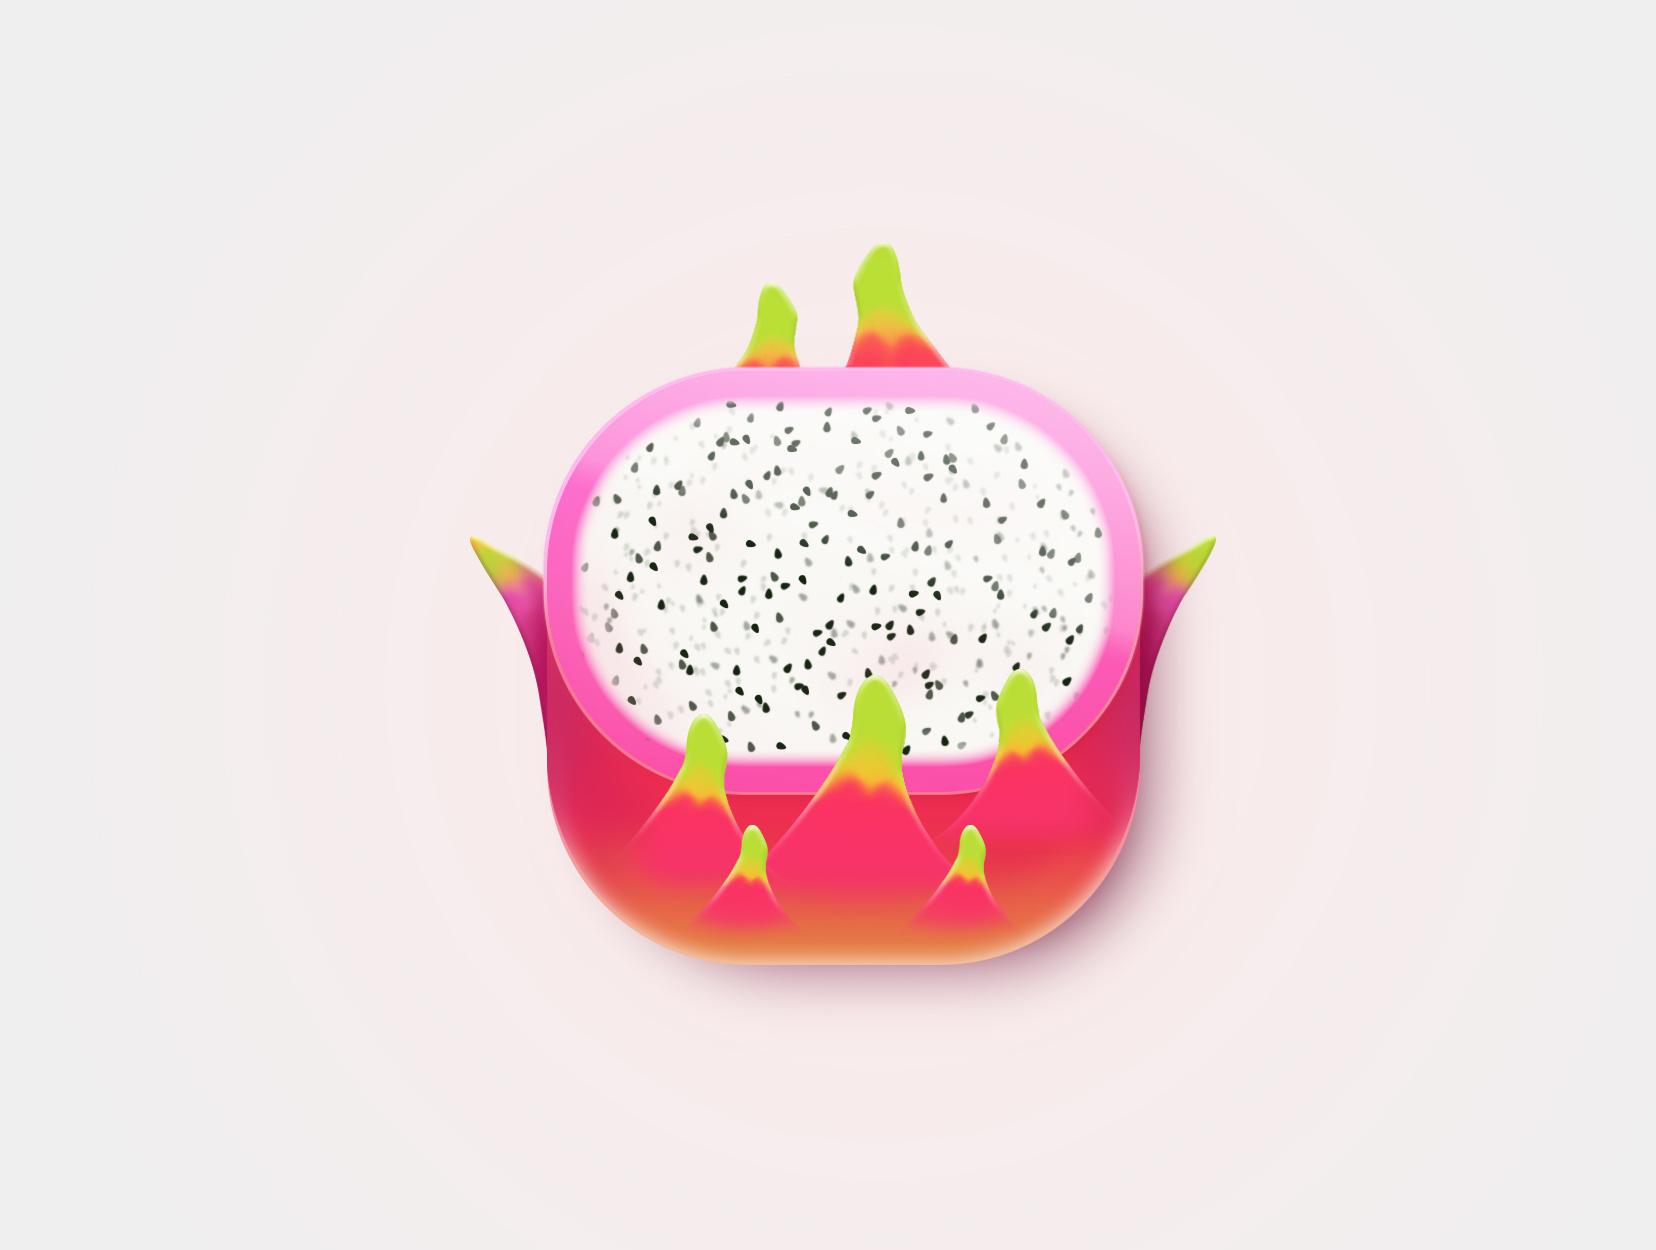 火龙果icon图片